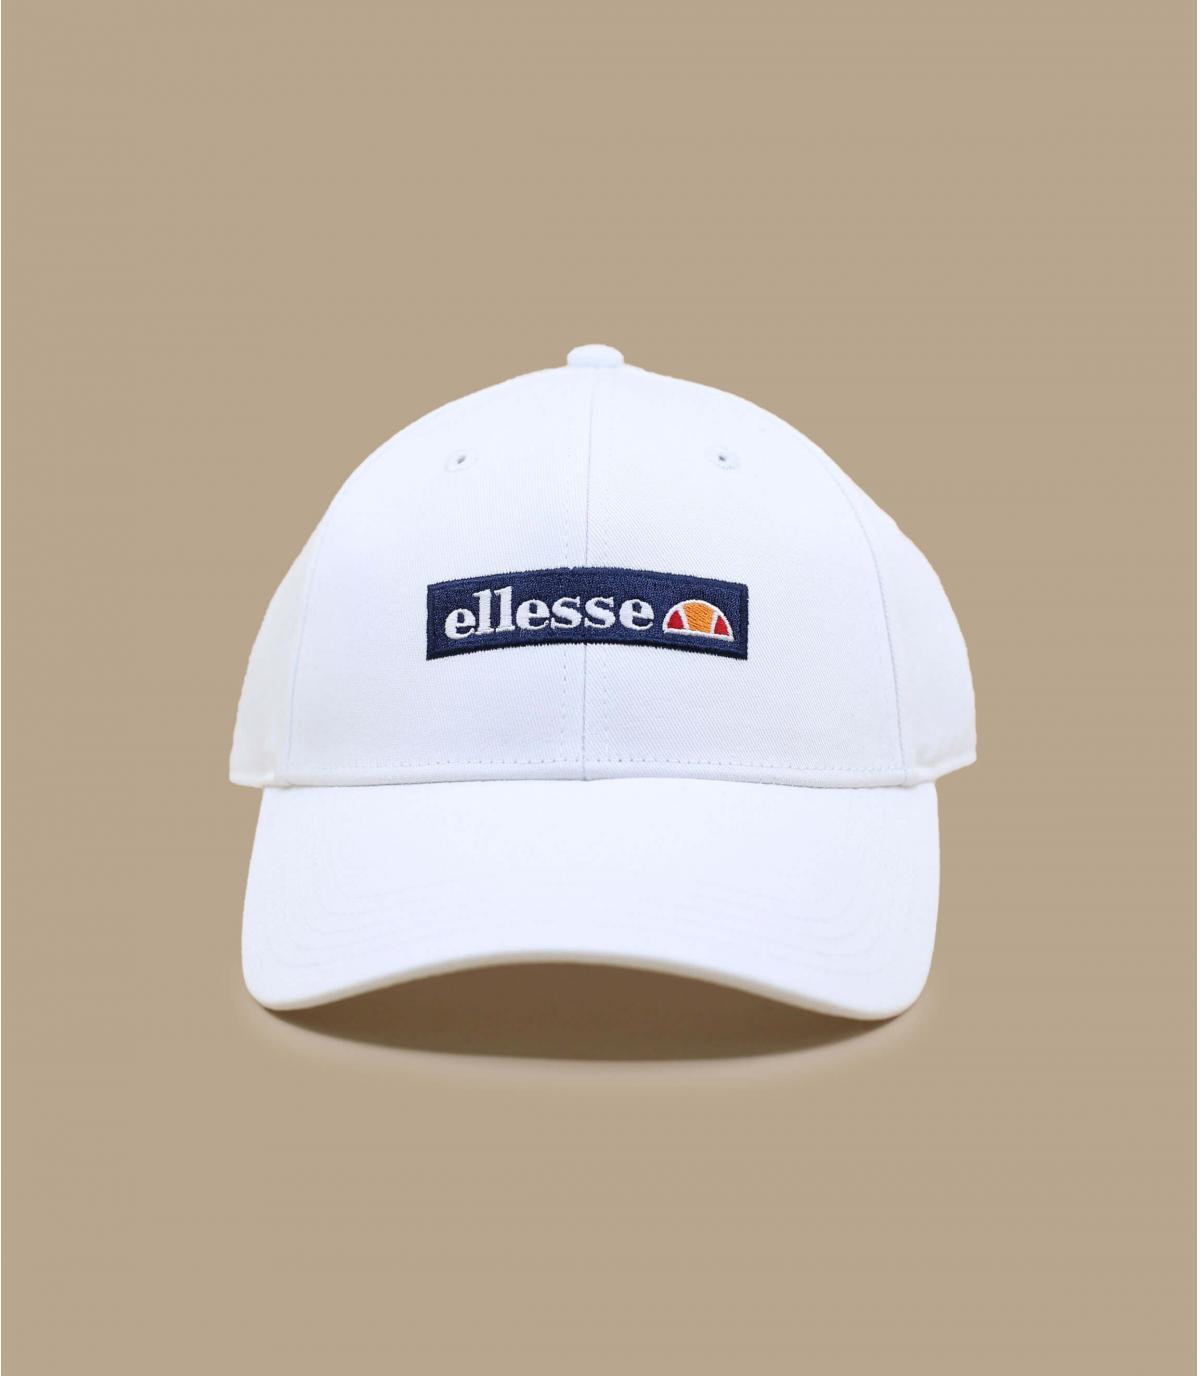 cappellino Ellesse bianco